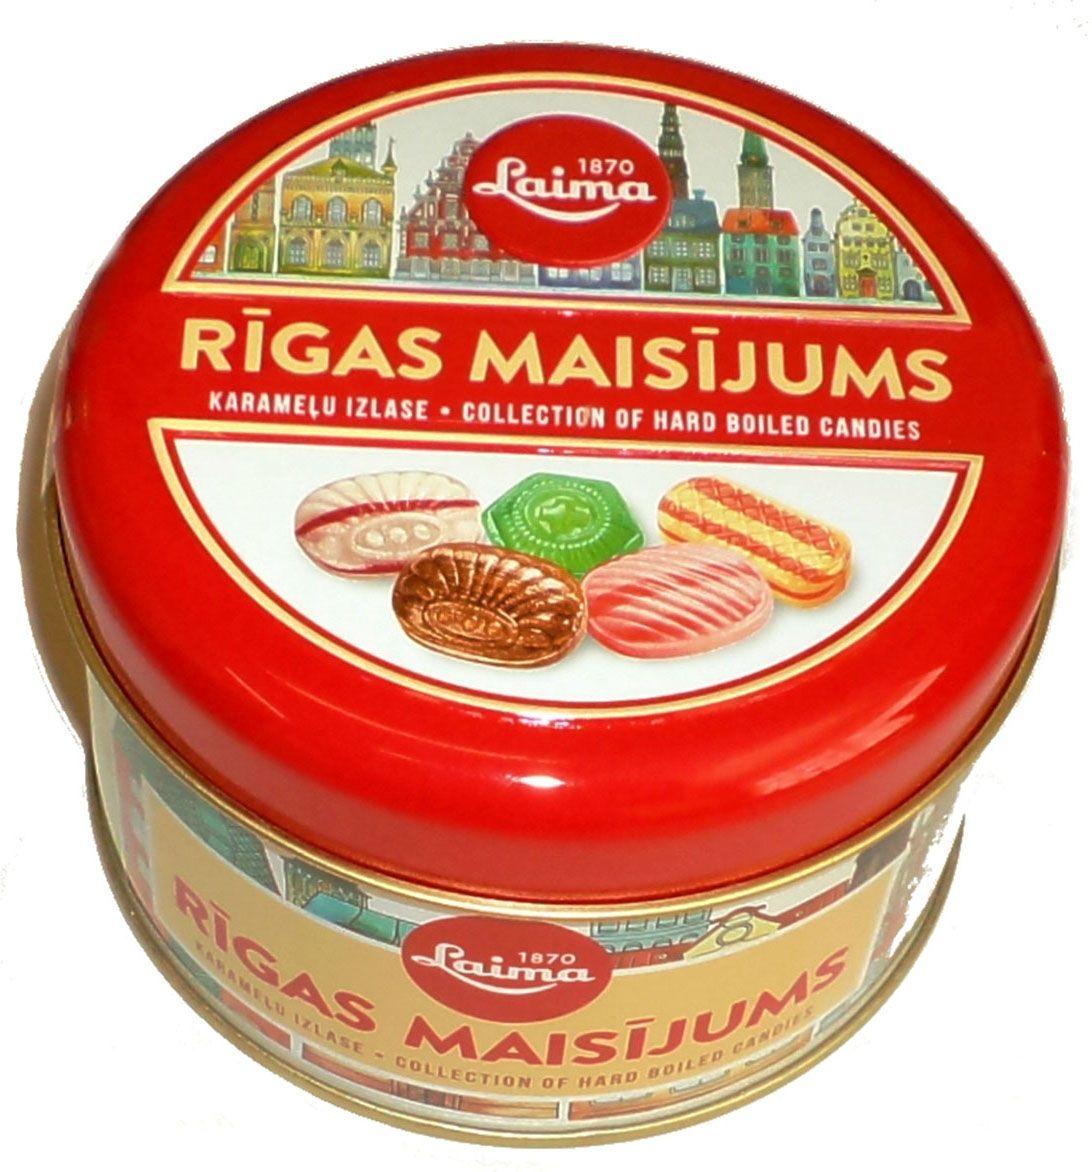 Laima Рижская смесь пять видов карамели, 300 г русское море икра мойвы с лососем в майонезном соусе 165 г